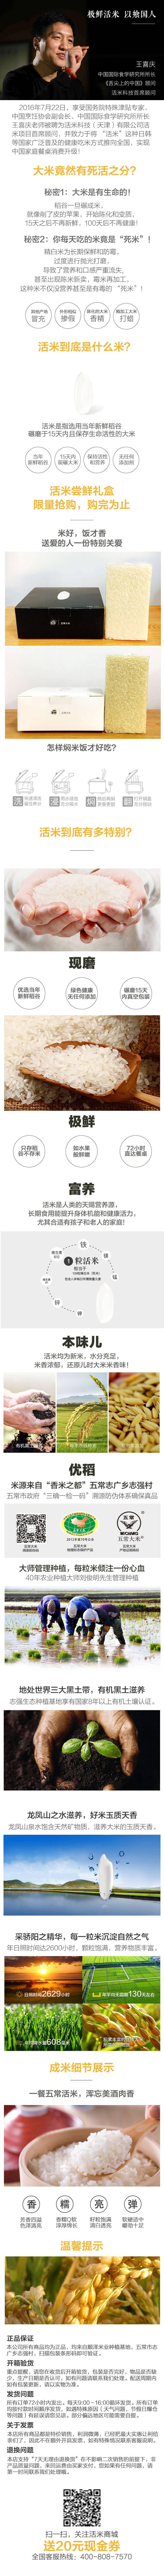 礼盒详情页2-大字体-定稿-final(1).jpg